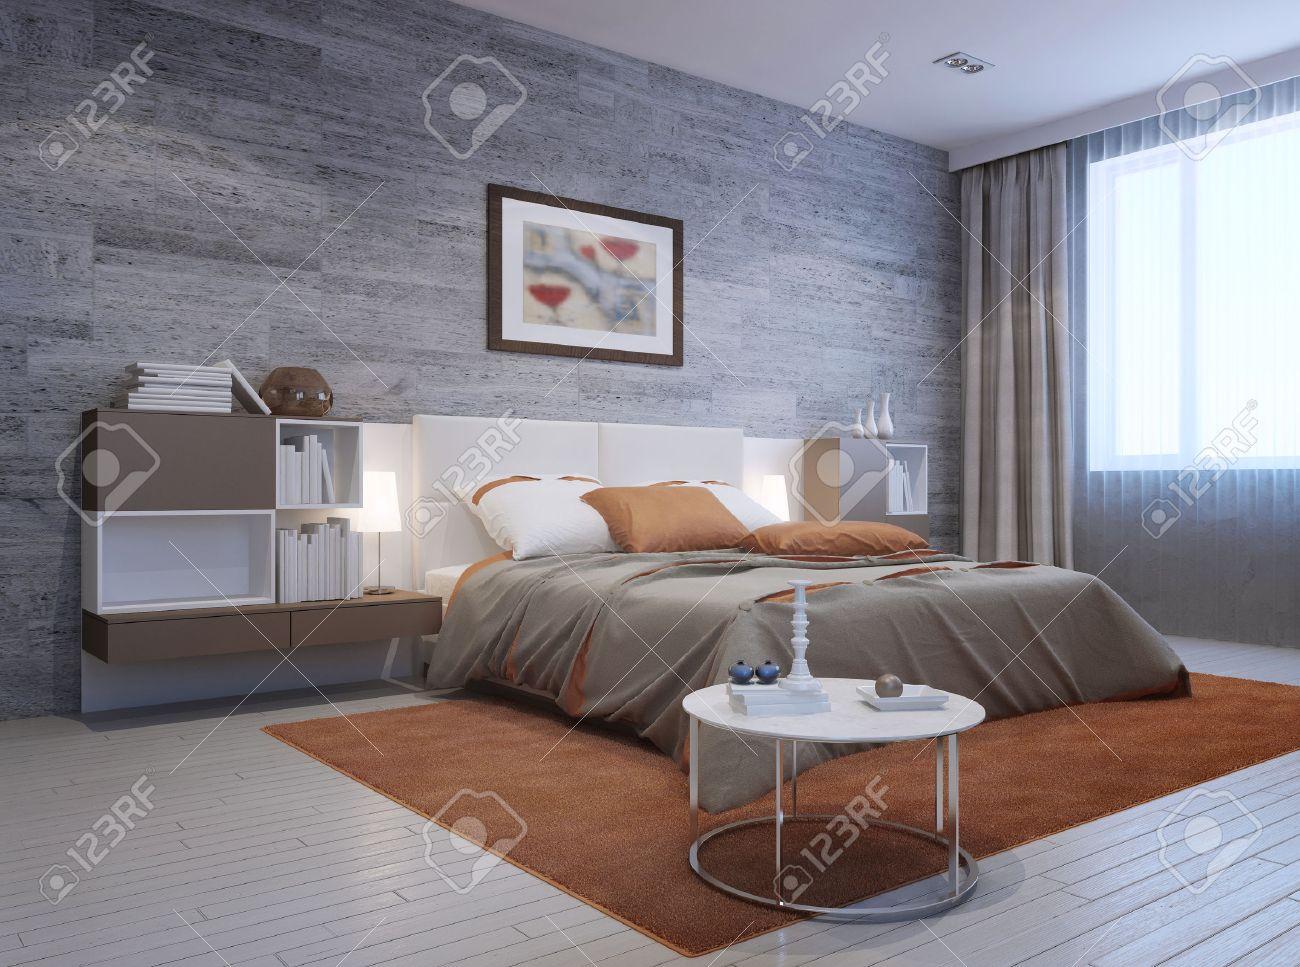 vue de l interieur moderne de chambre lit double de luxe avec tete de lit blanc et des meubles monte des deux cotes dans les couleurs blanc et taupe